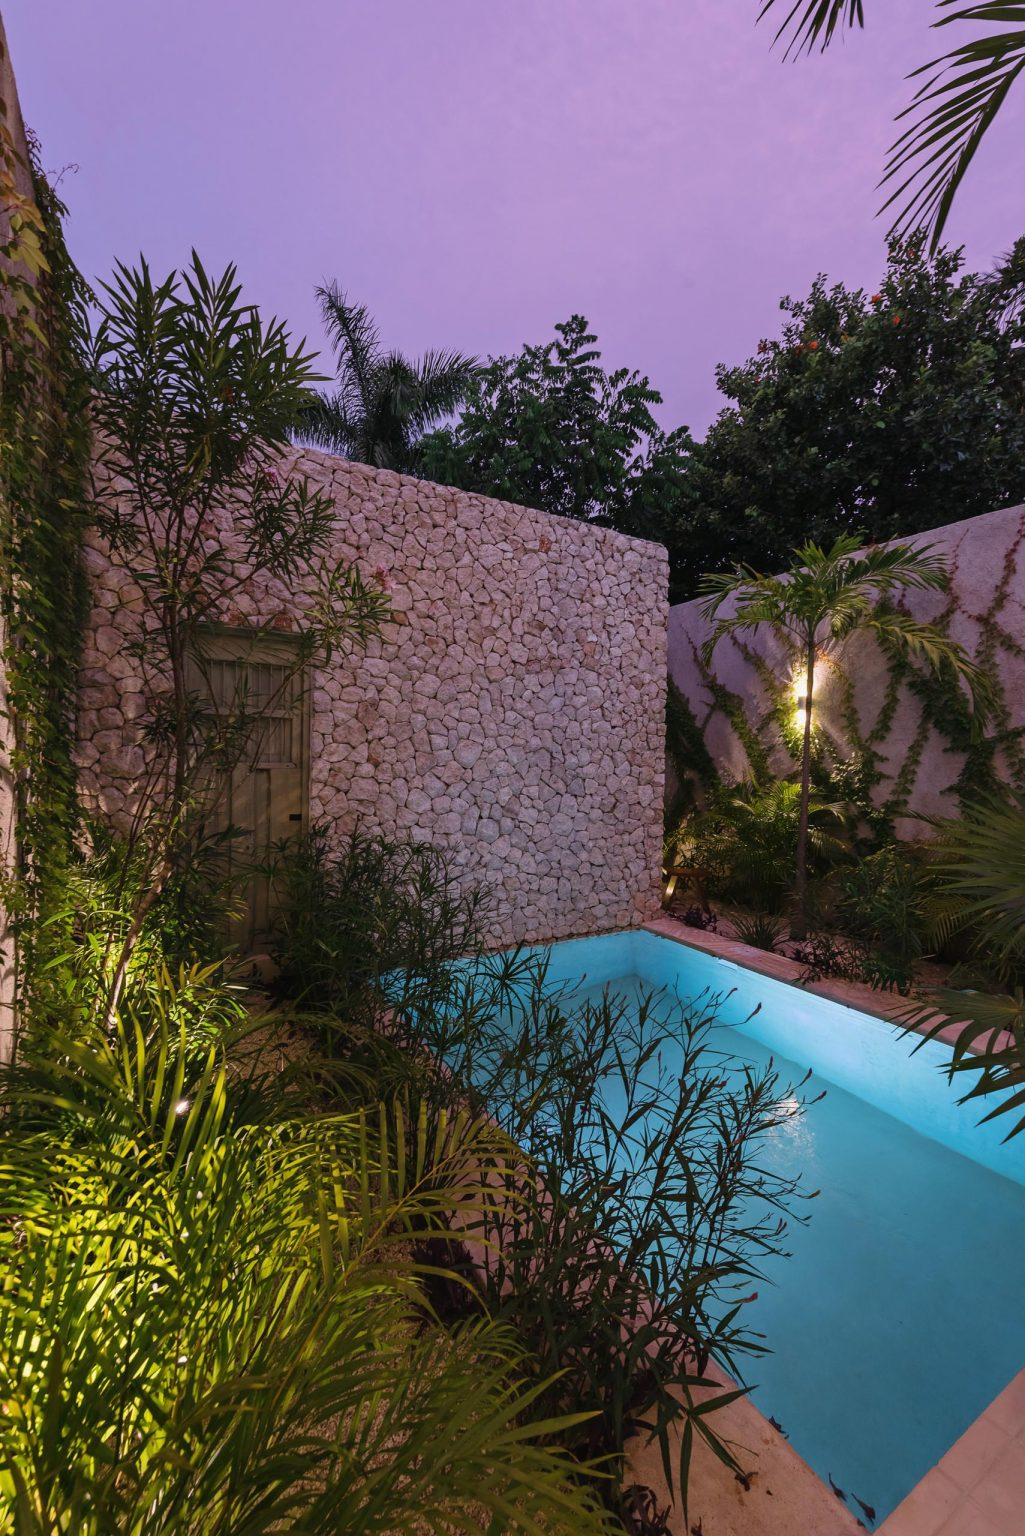 iluminación nocturna de piscina